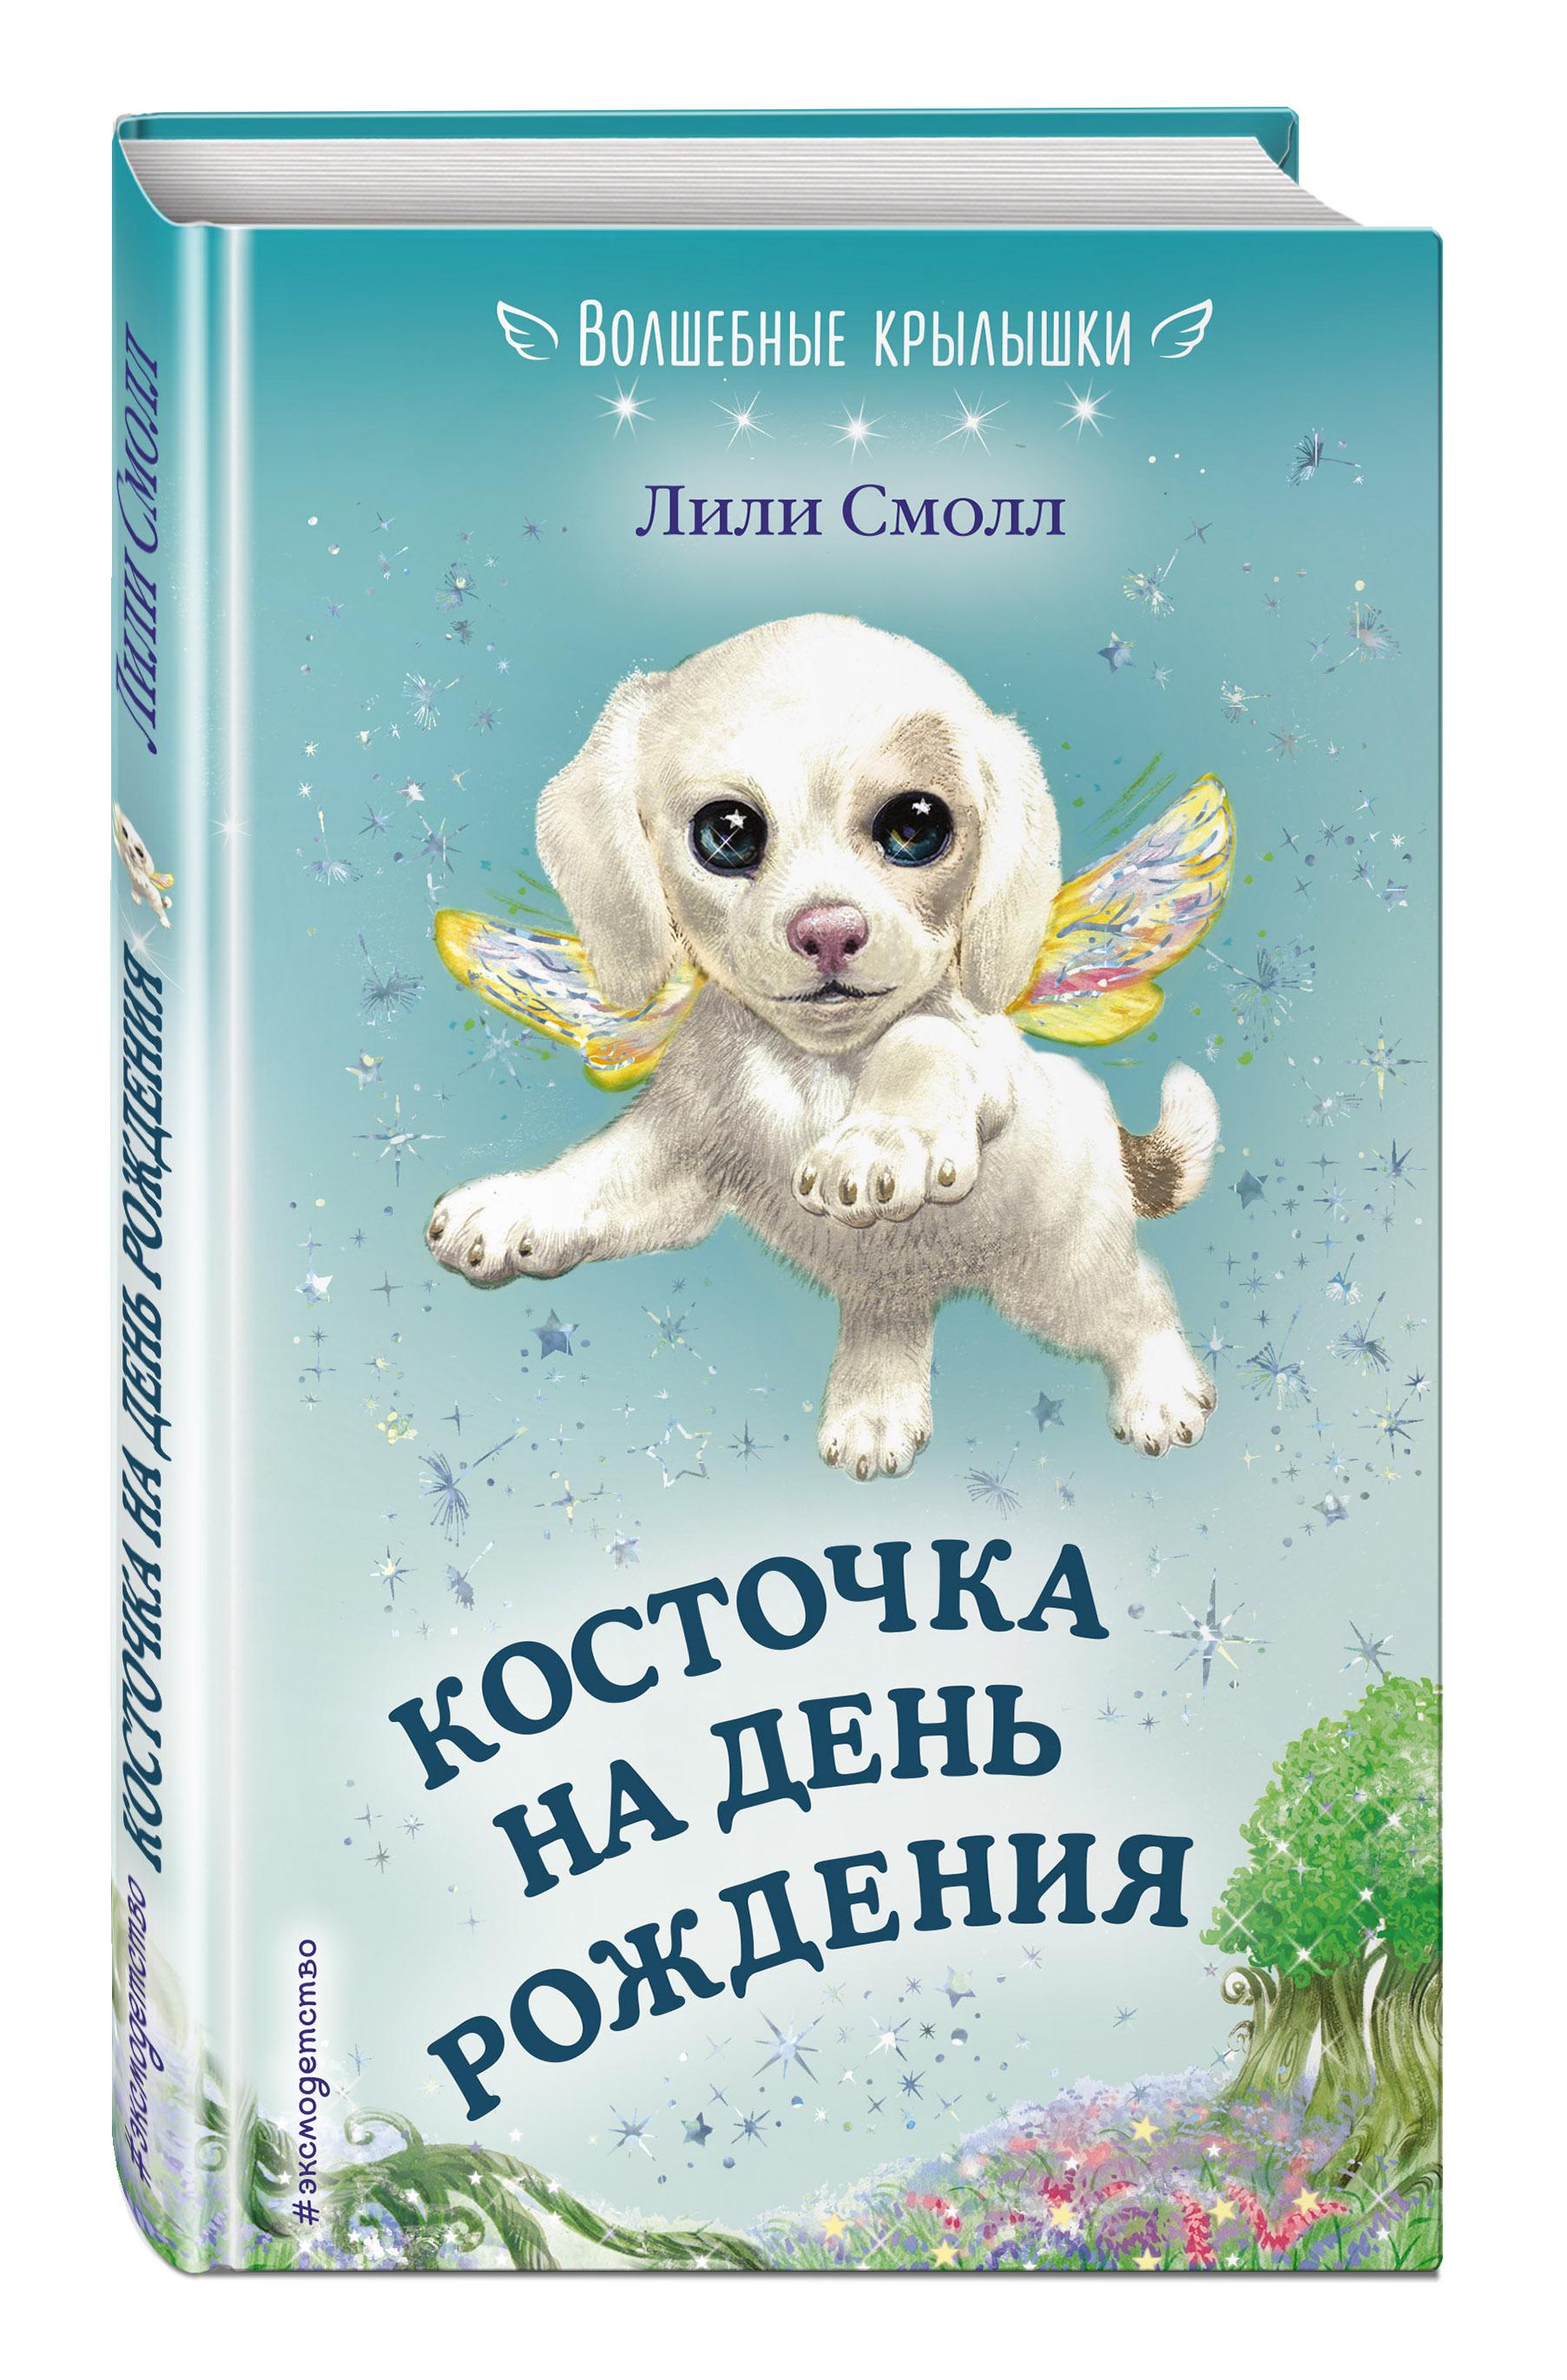 Смолл Лили Косточка на день рождения (выпуск 5) цена 2017